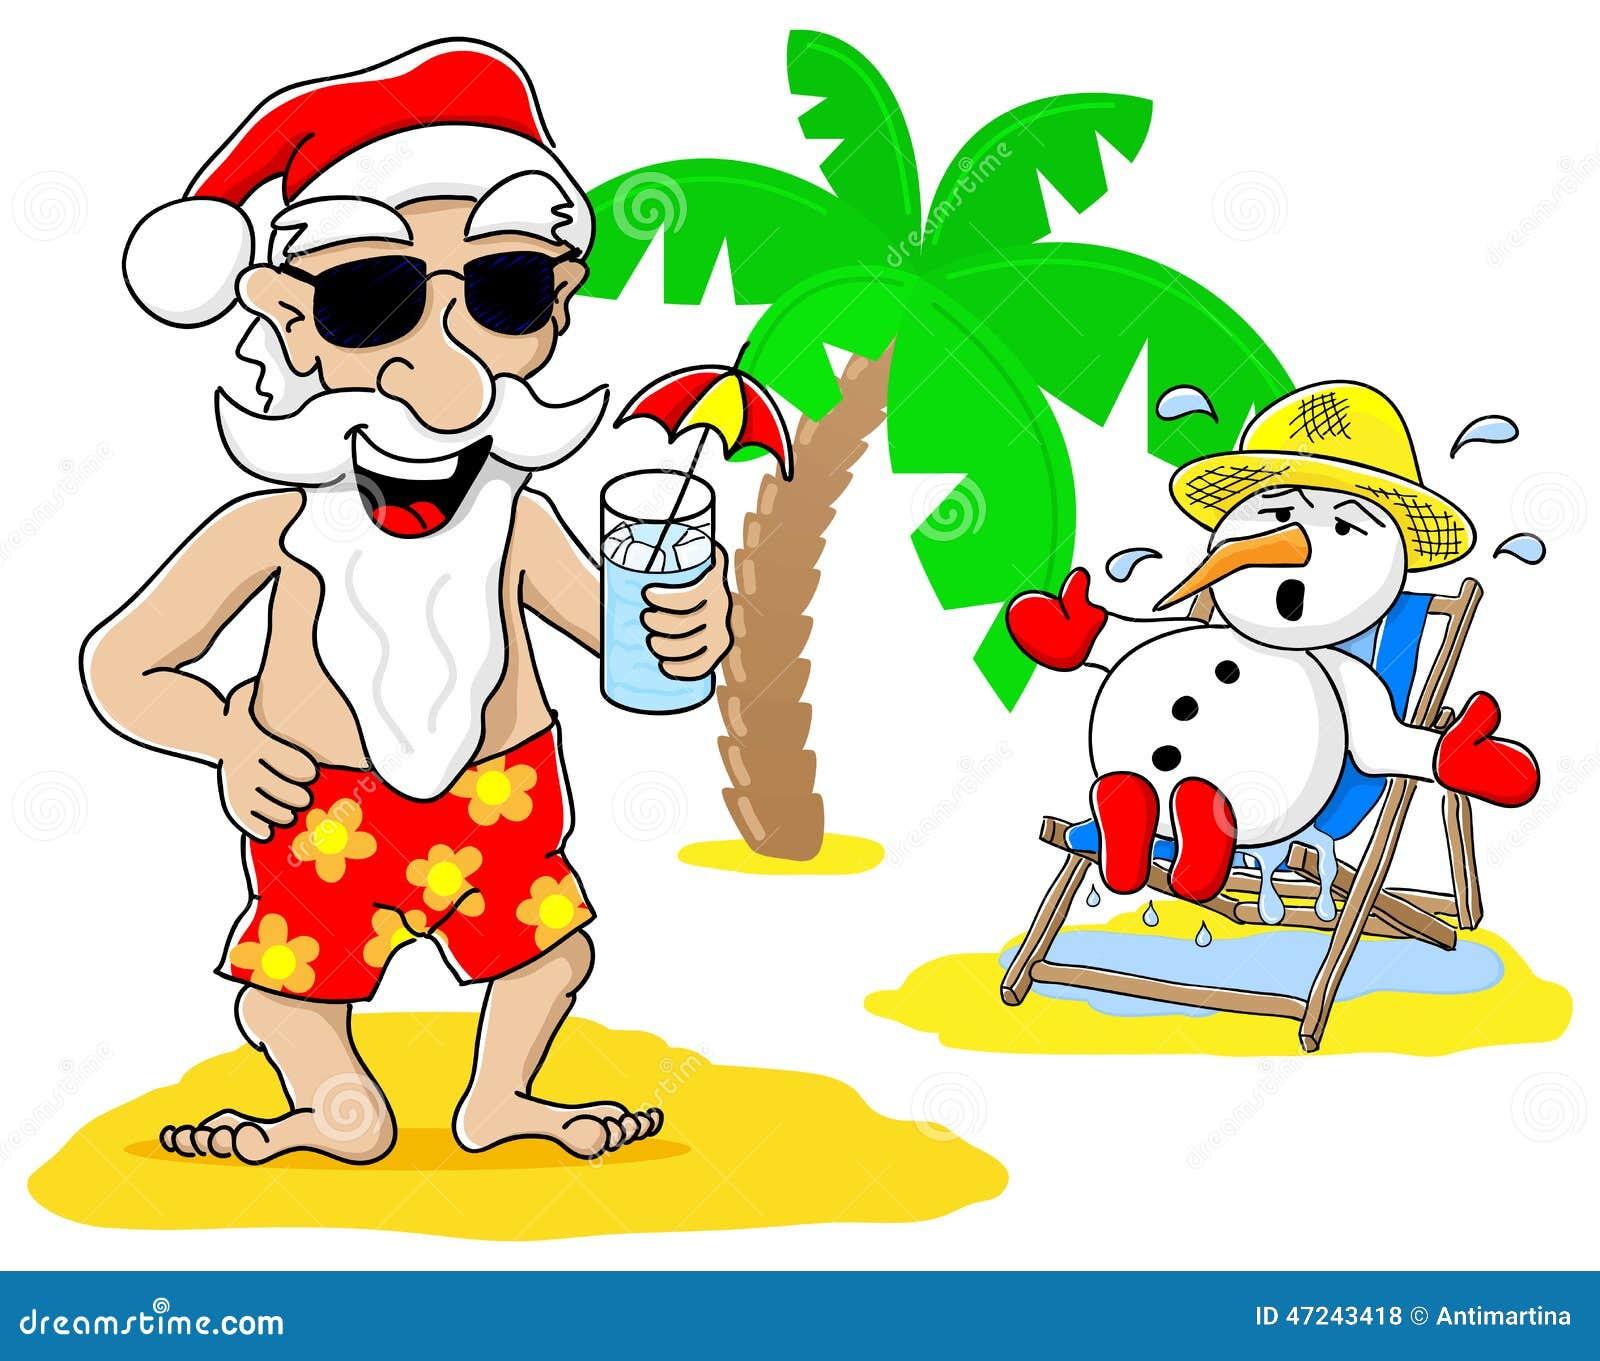 santa claus and snowman at christmas on vacation at the